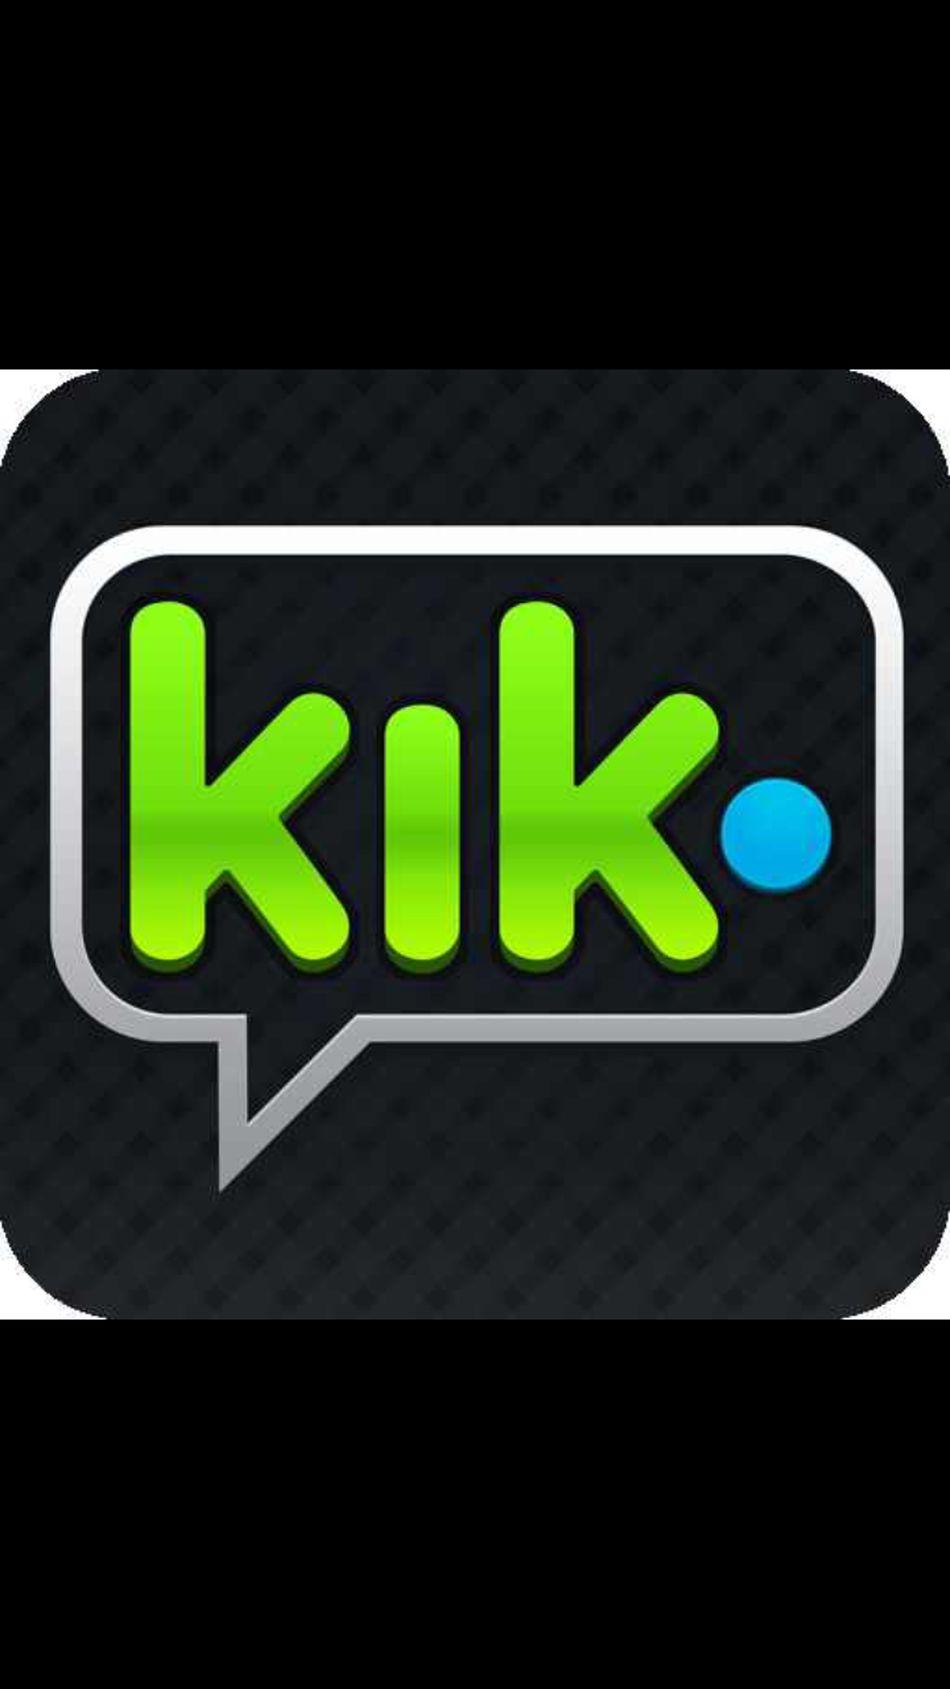 Kik Me